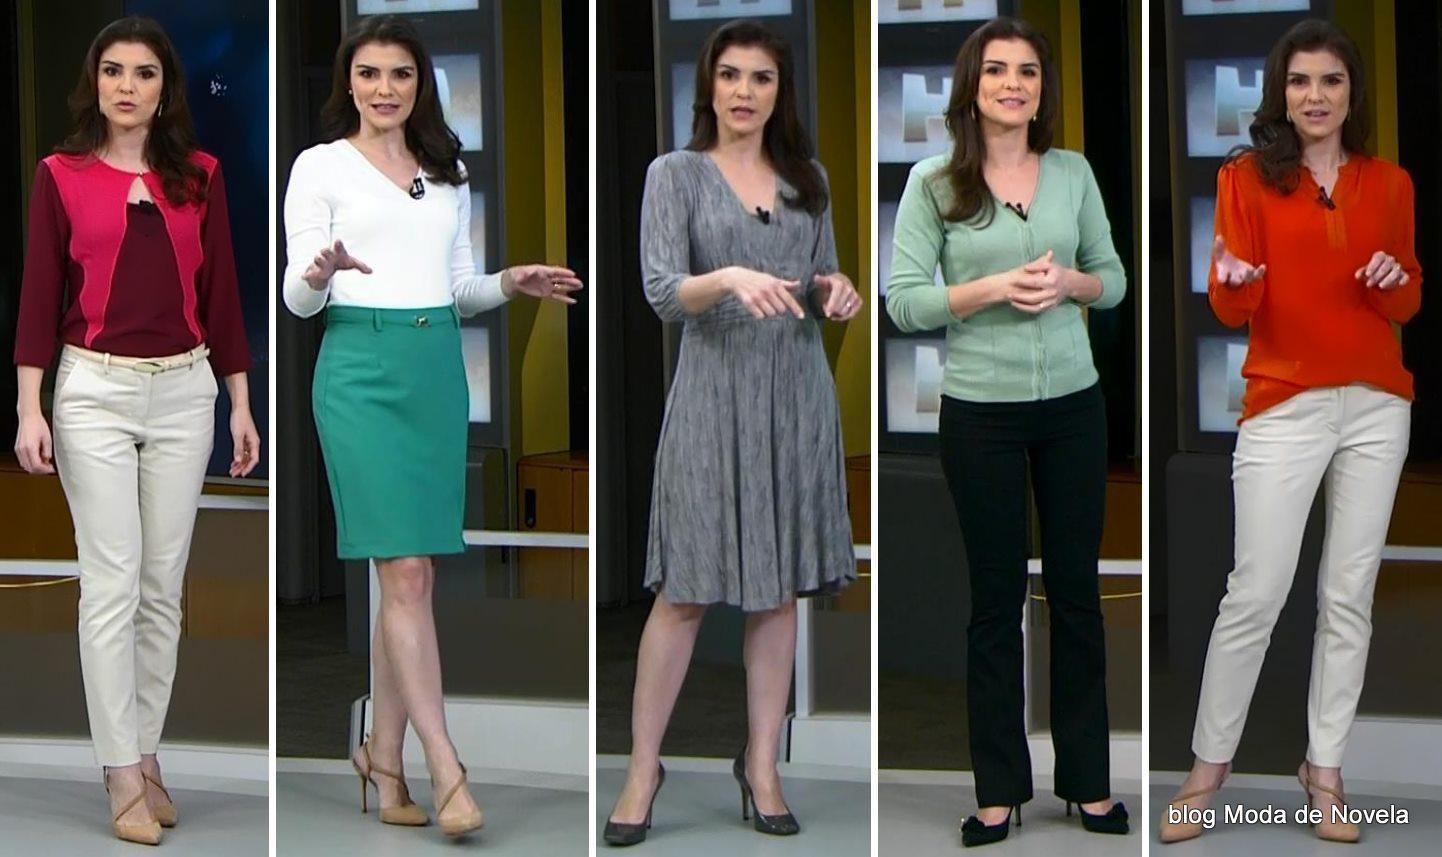 moda do programa Jornal Hoje - looks da Eliana Marques dias 16 a 20 de junho